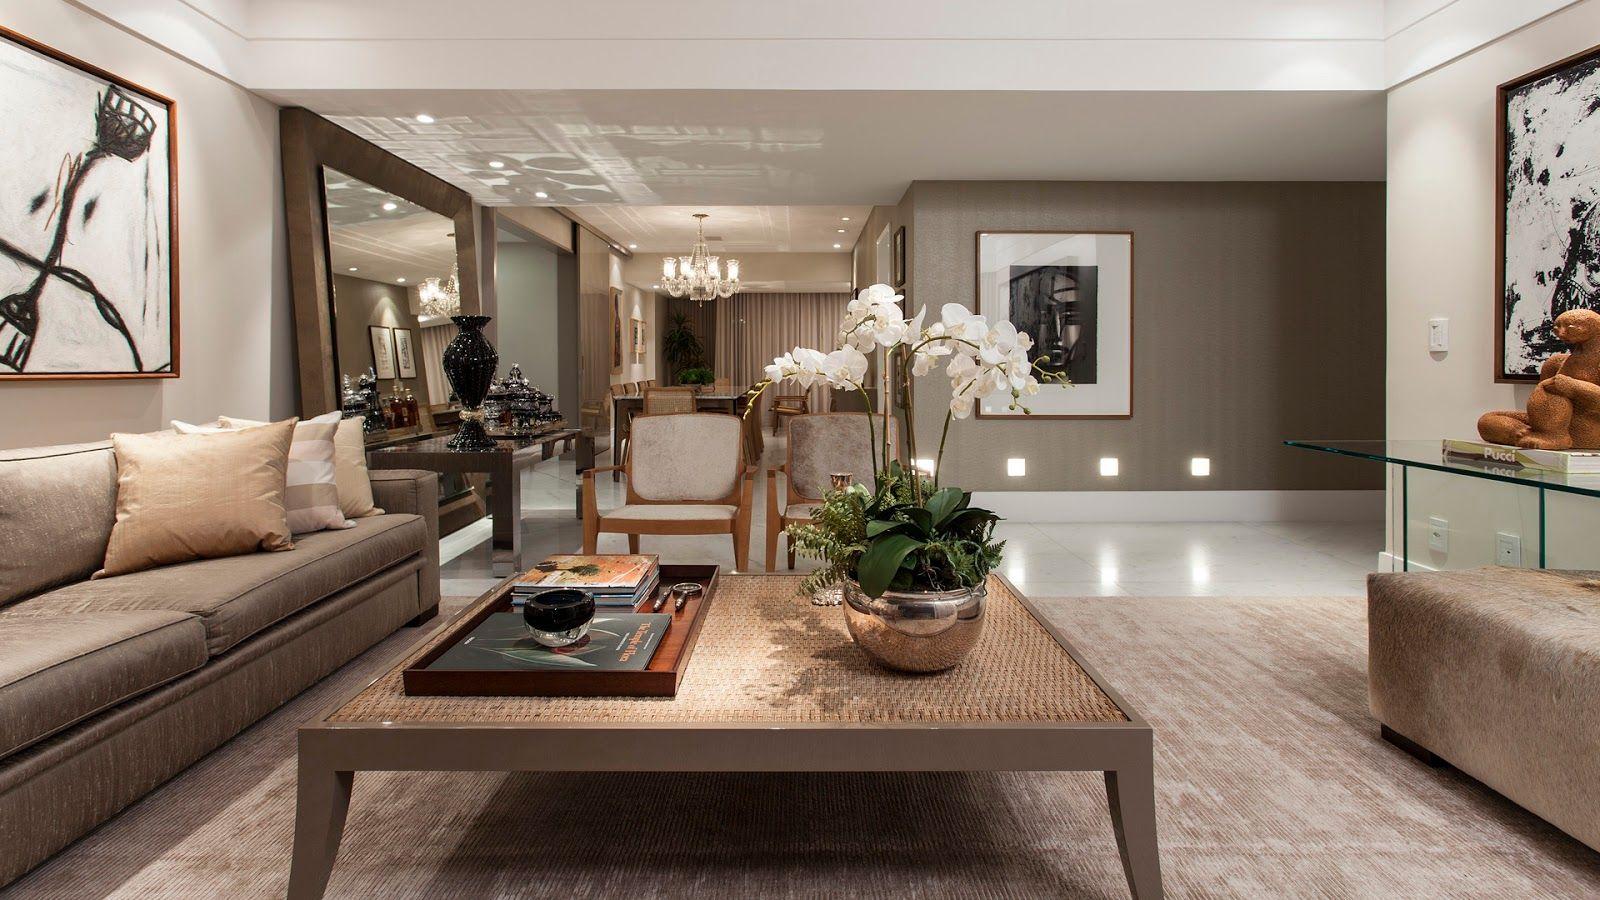 Salas de estar jantar tv bate papo e varanda decoradas